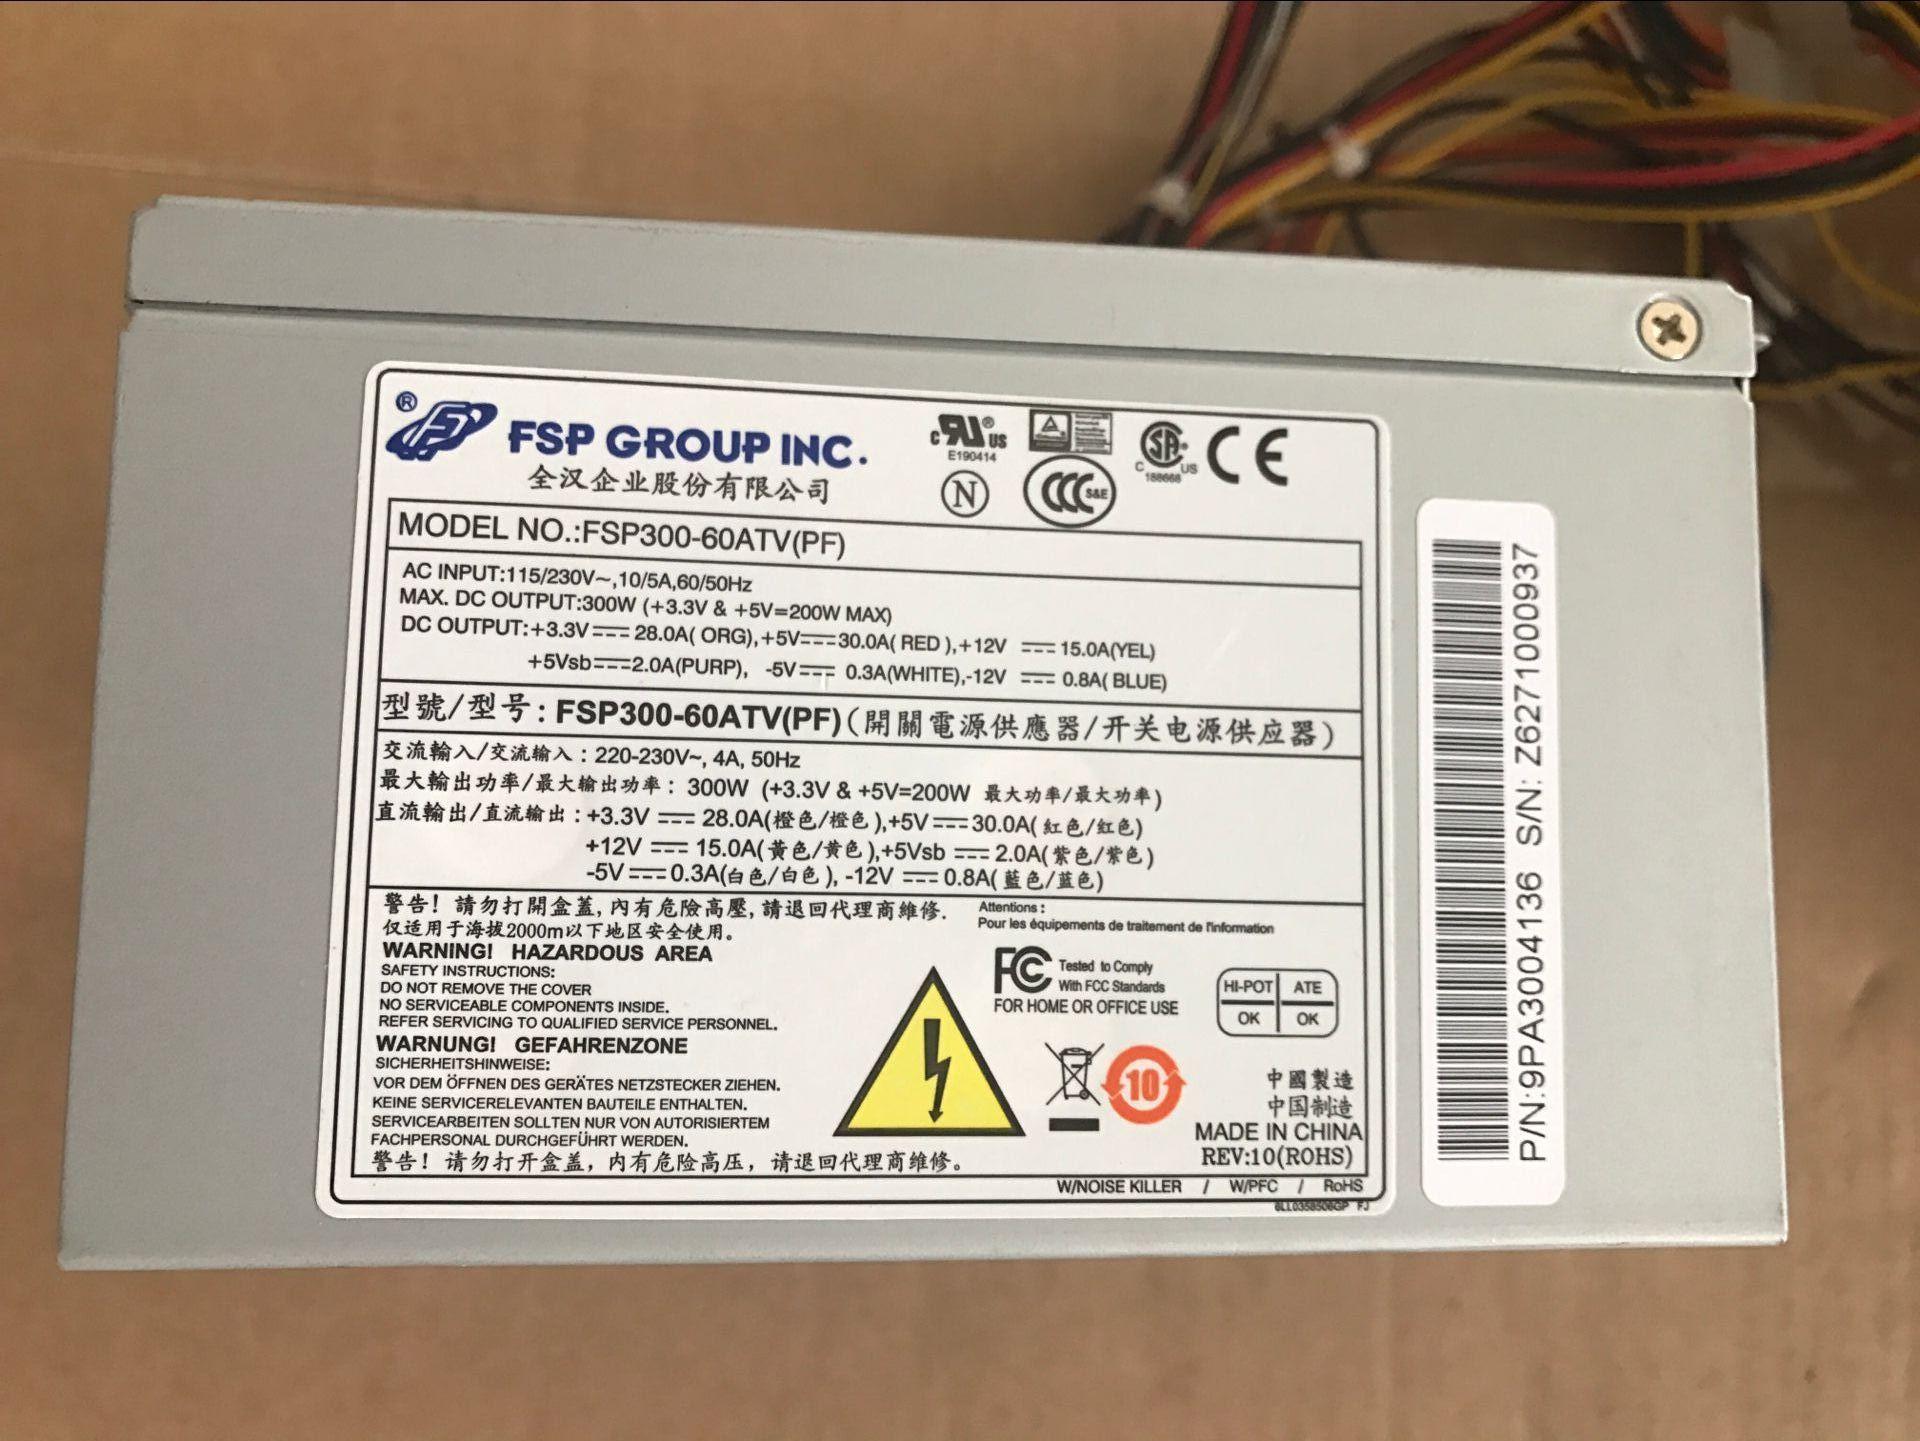 全汉 300WFSP300-60ATV(PF) 替研华工控机电源工业电源台式机电源